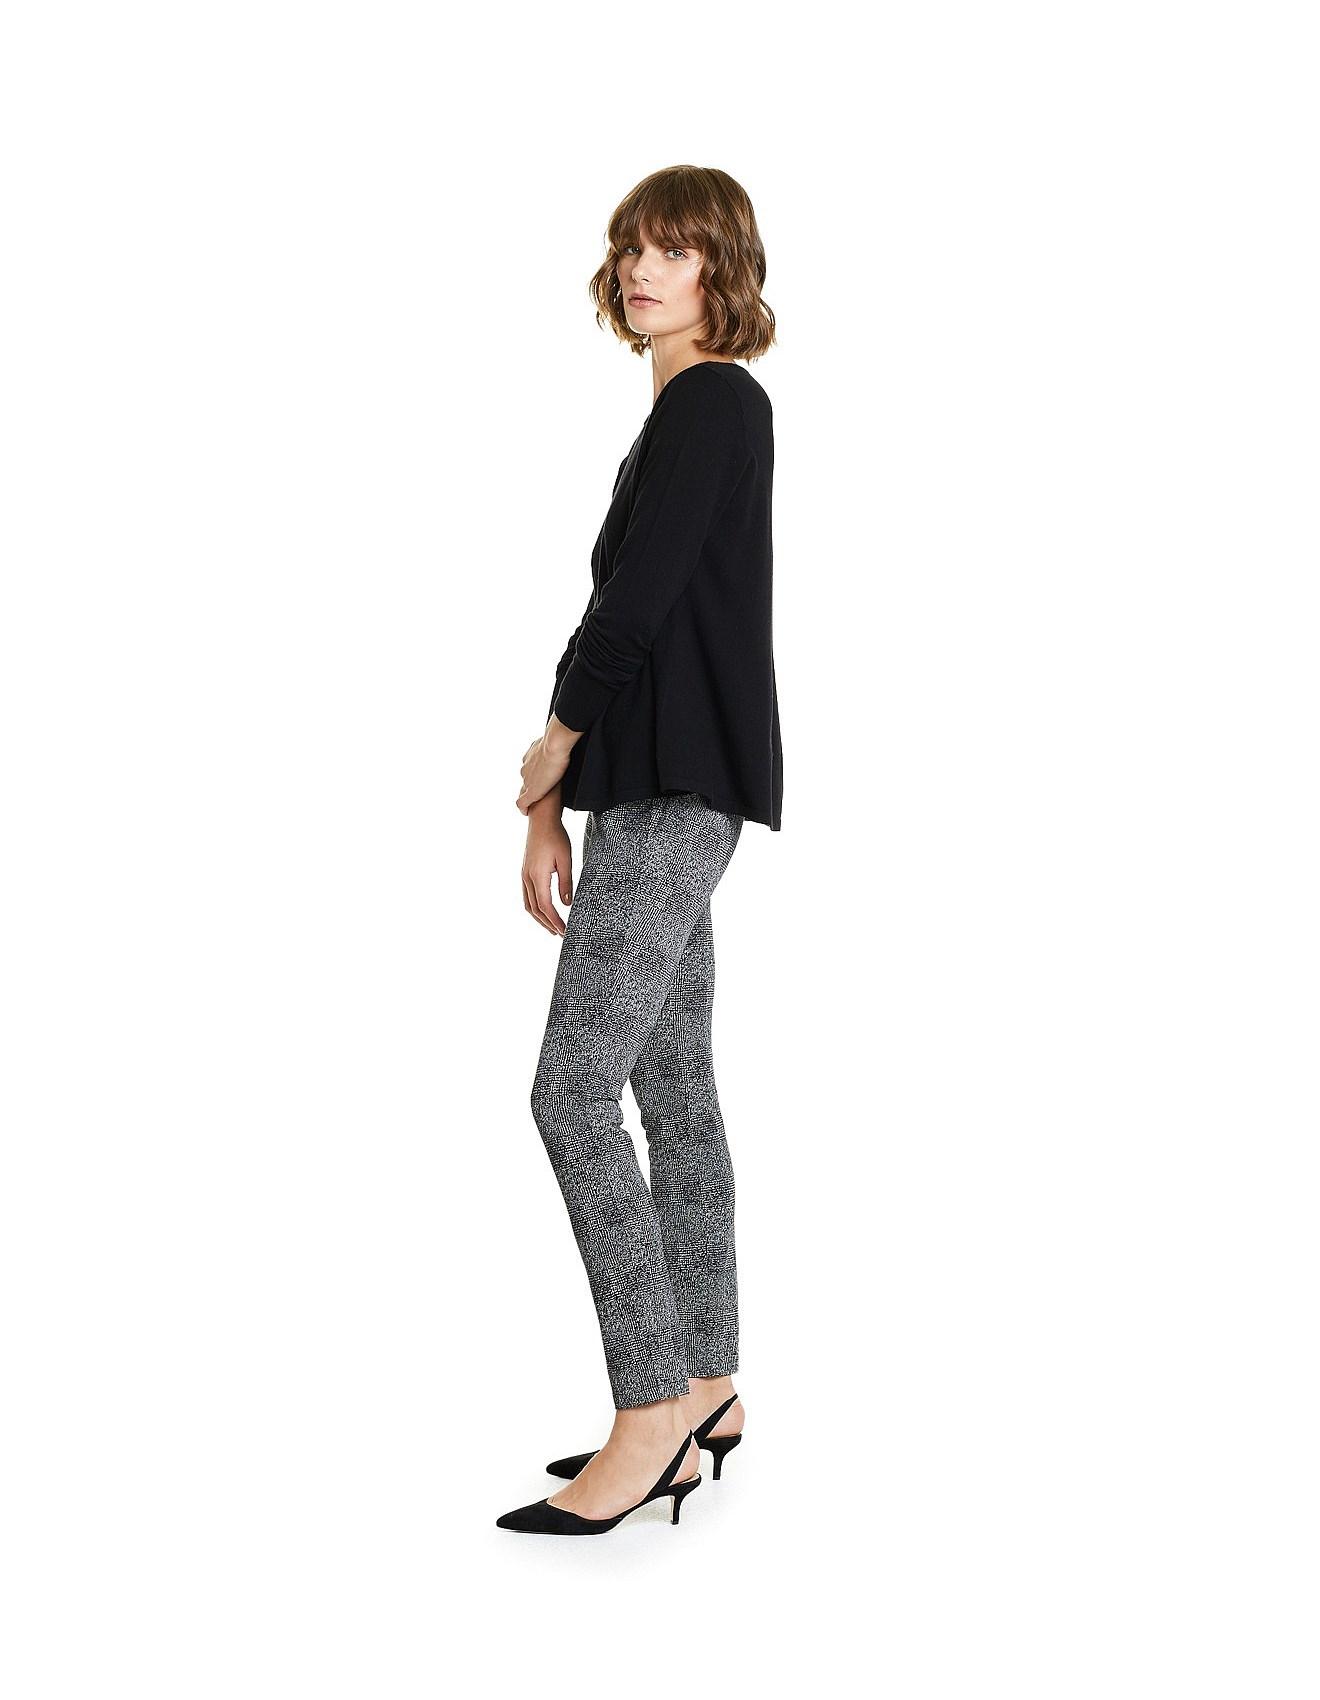 631a1221489c13 Print Bi-Stretch Legging